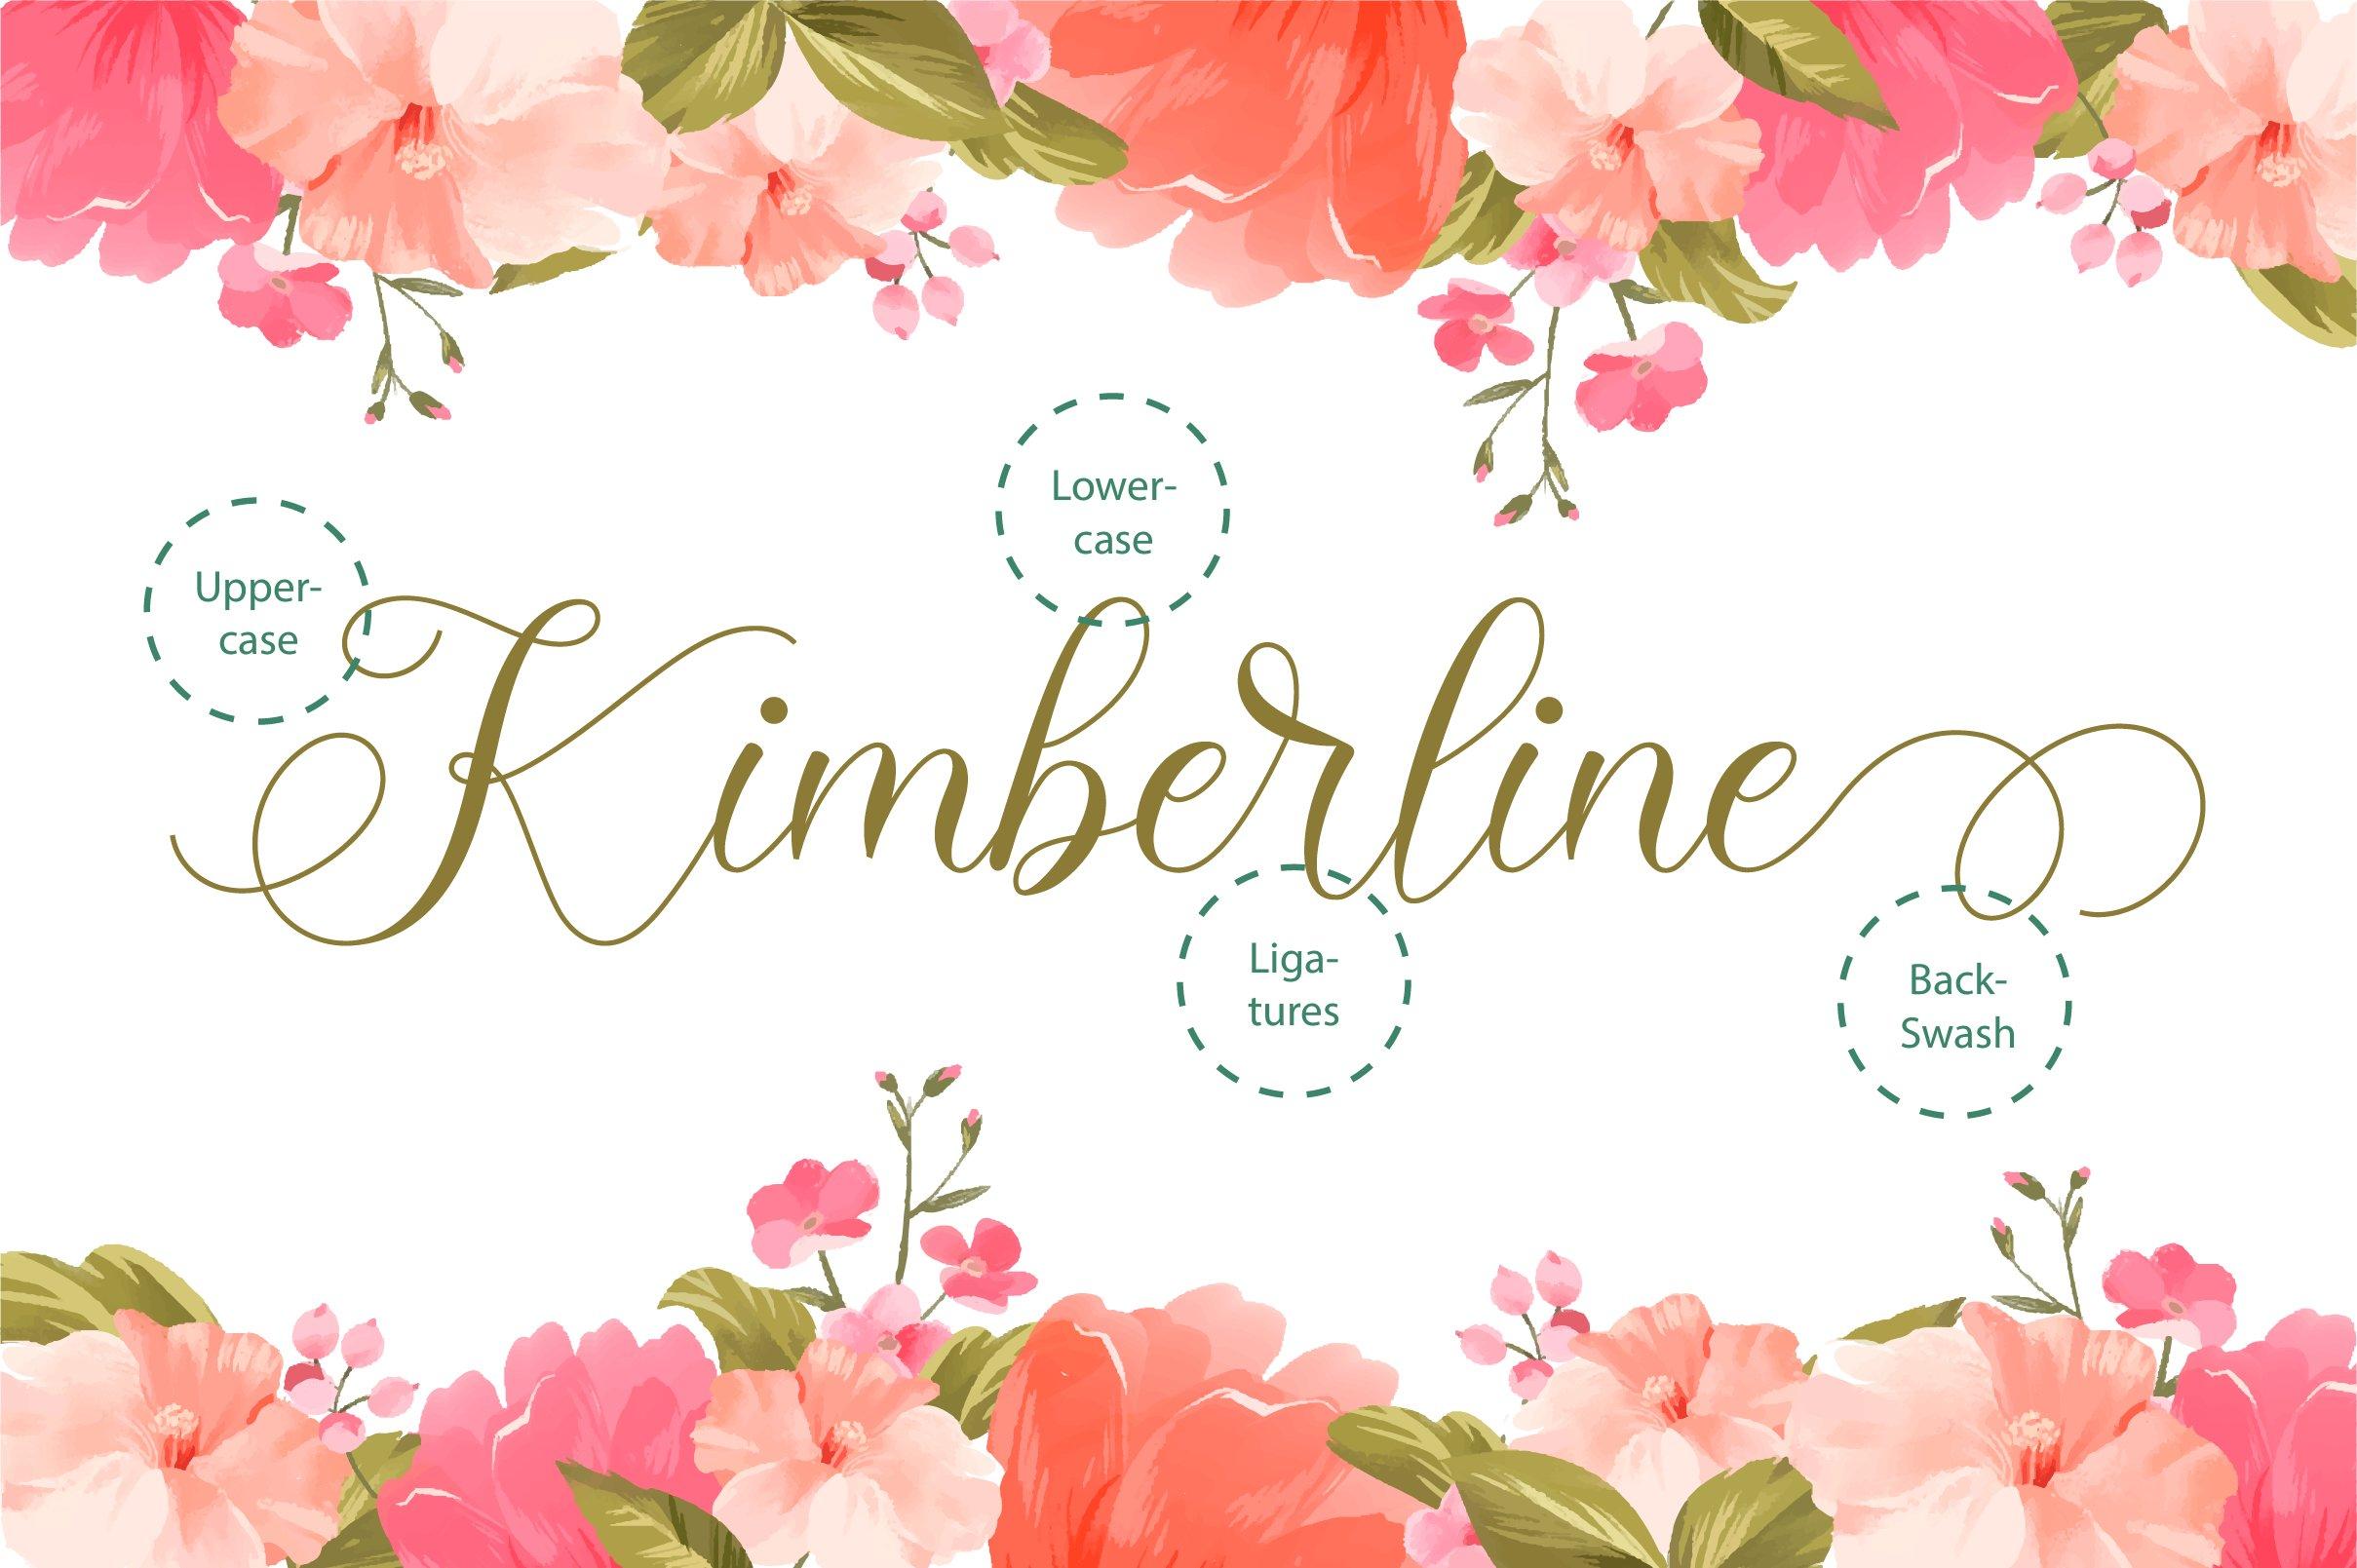 Kimberline example image 6